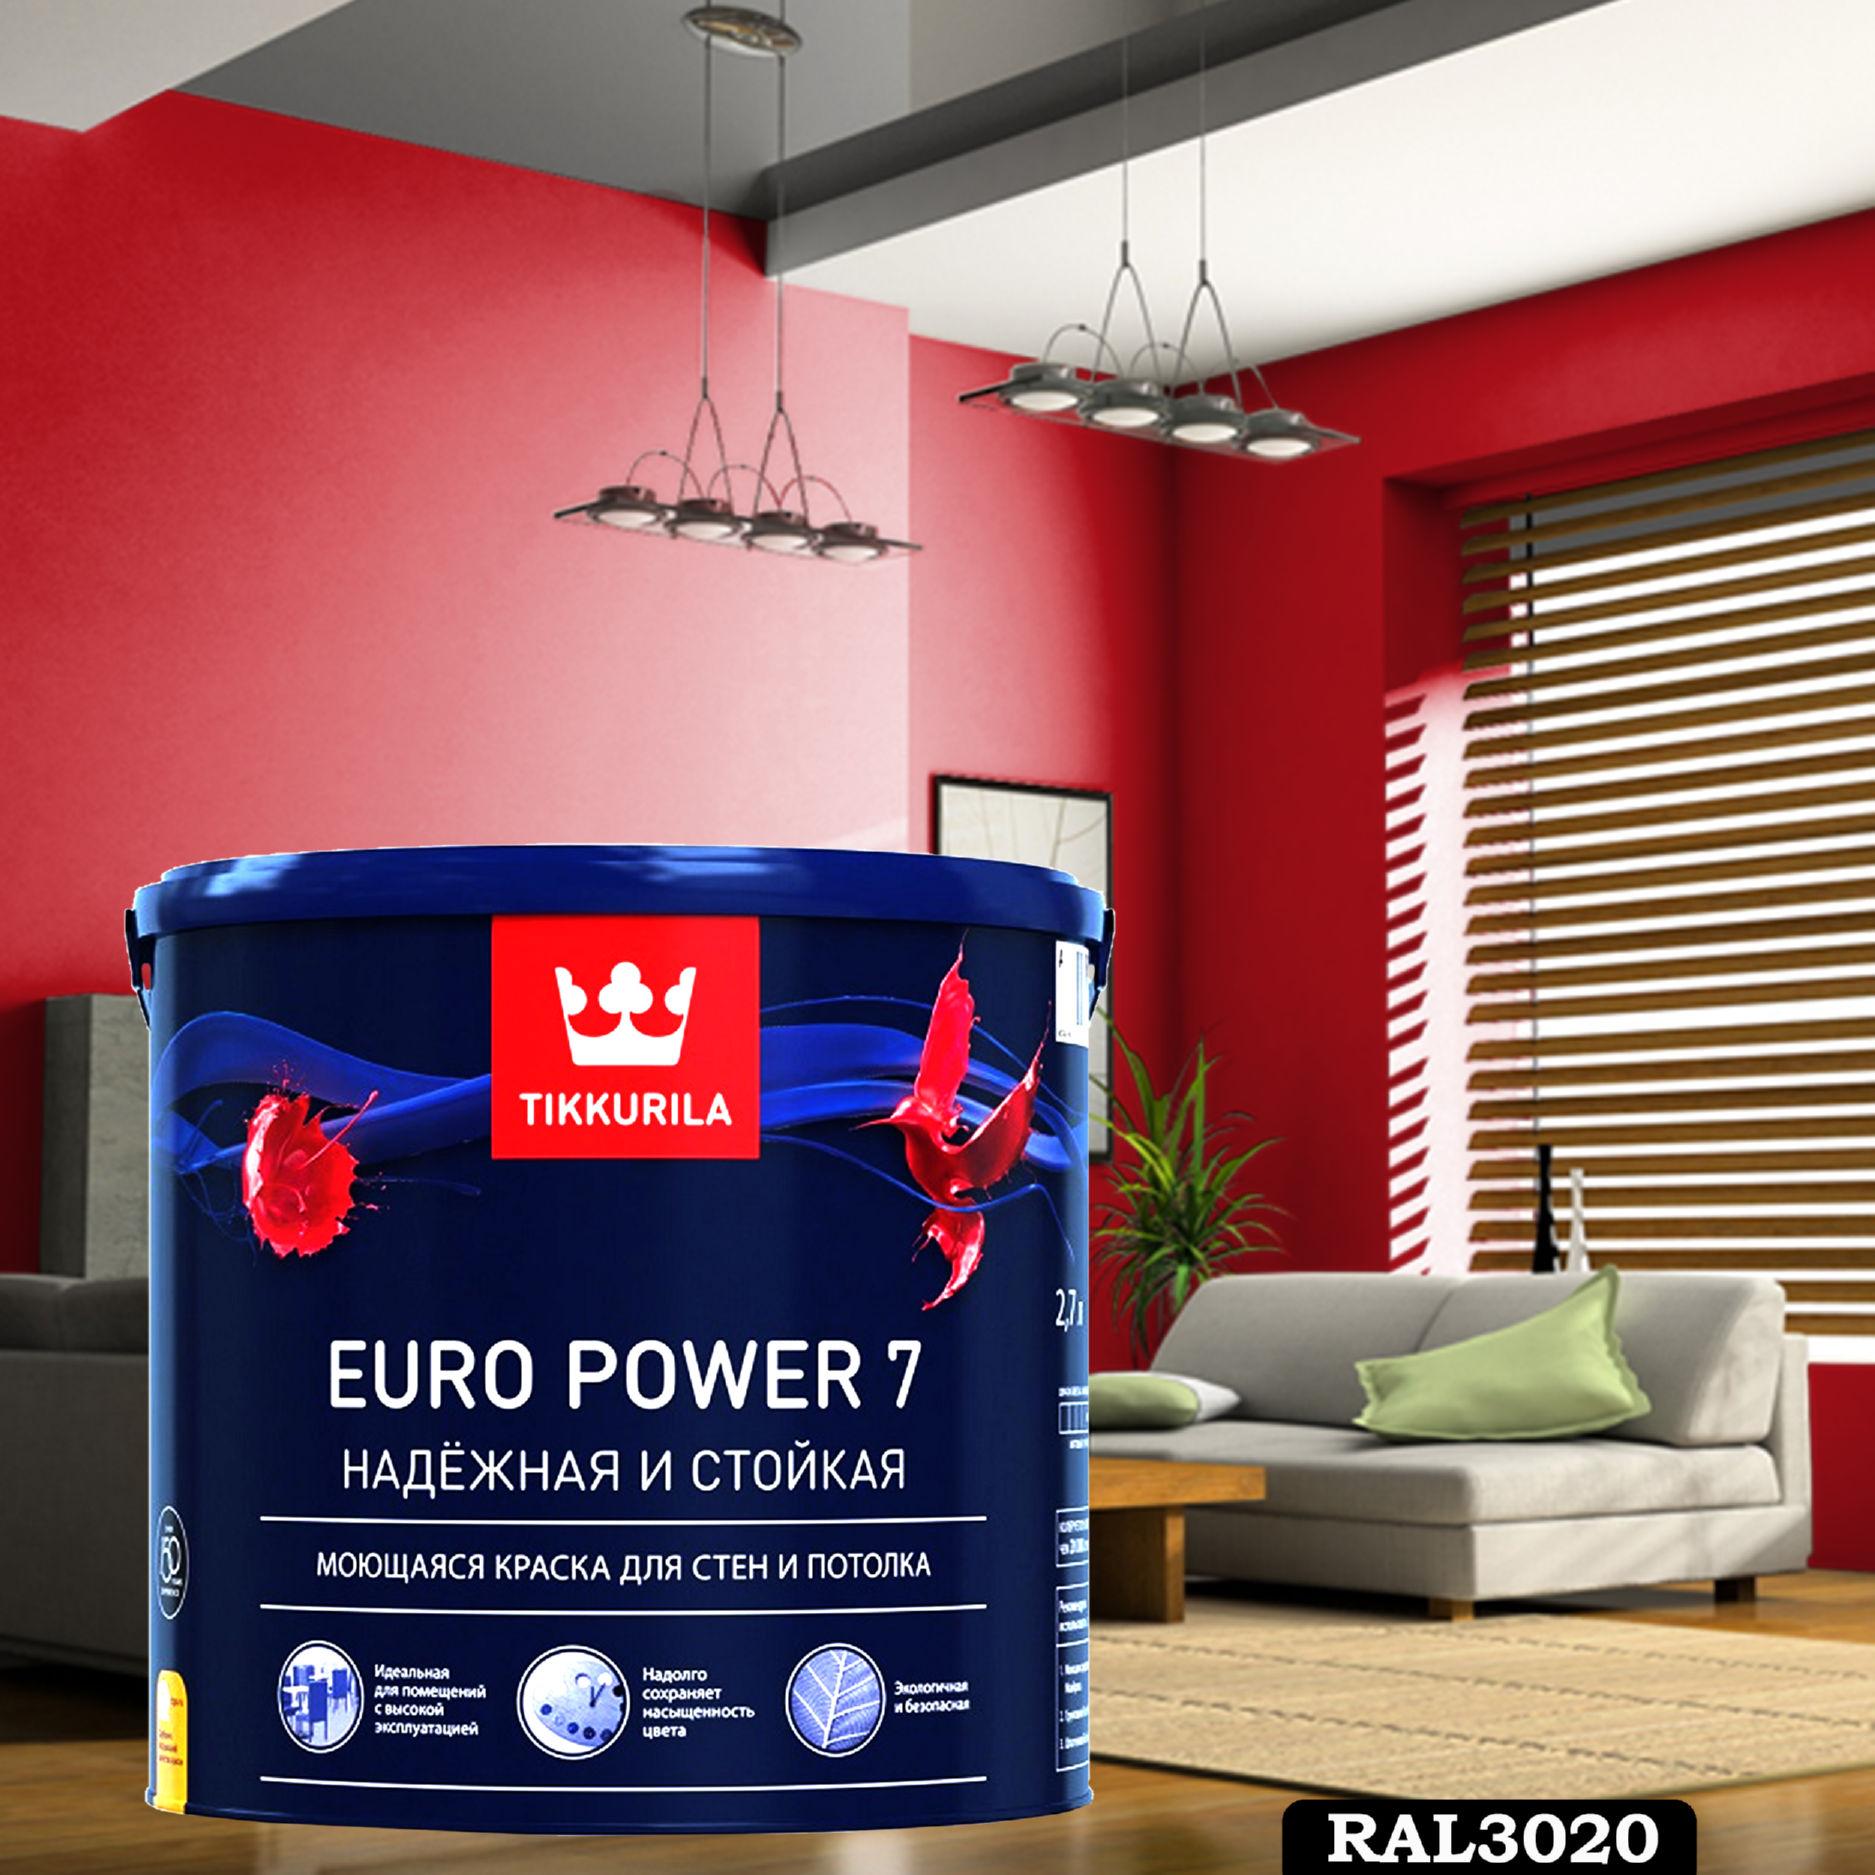 Фото 17 - Краска TIKKURILA Euro Power 7,  RAL 3020 Транспортный-красный, латексная моющаяся матовая интерьерная, 9 л.